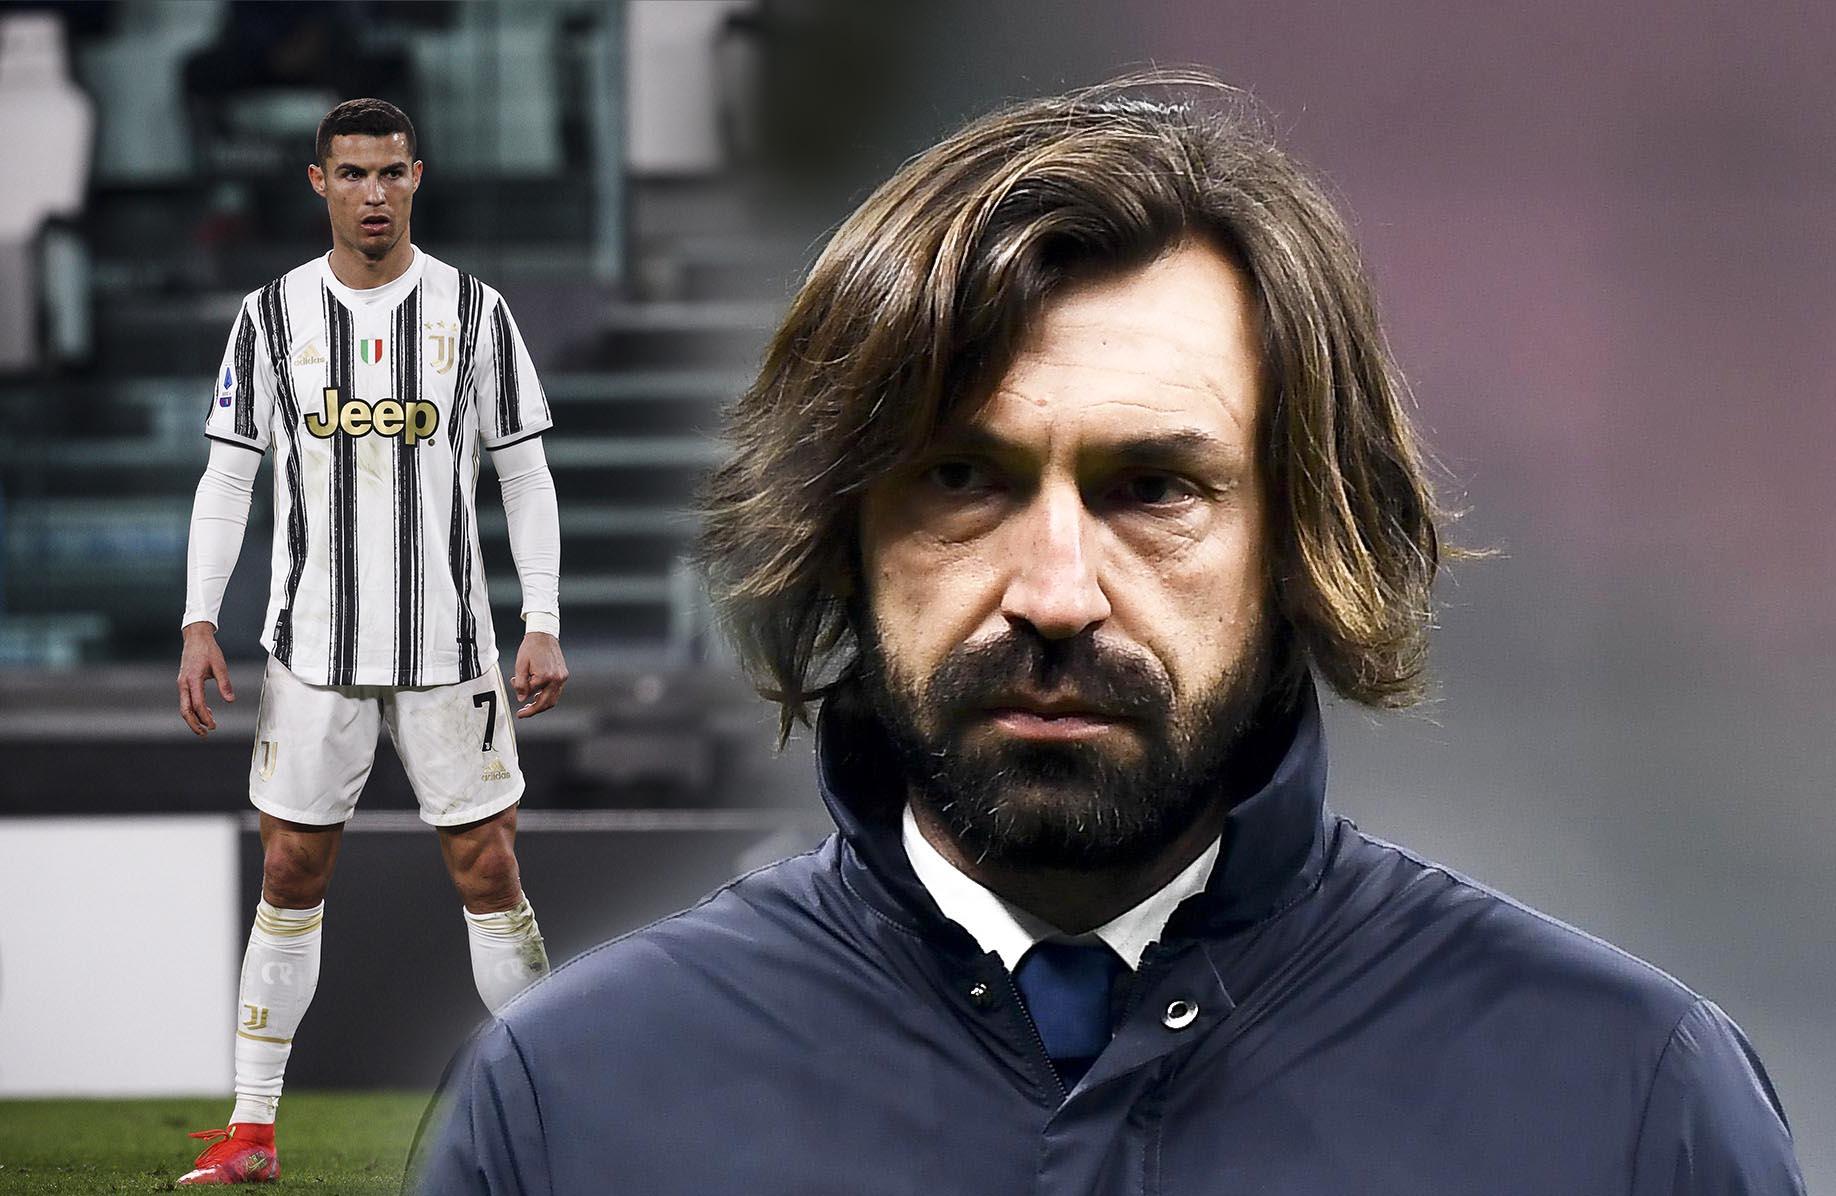 Juventus-Porto: promo, formazioni e dove vederla in tv